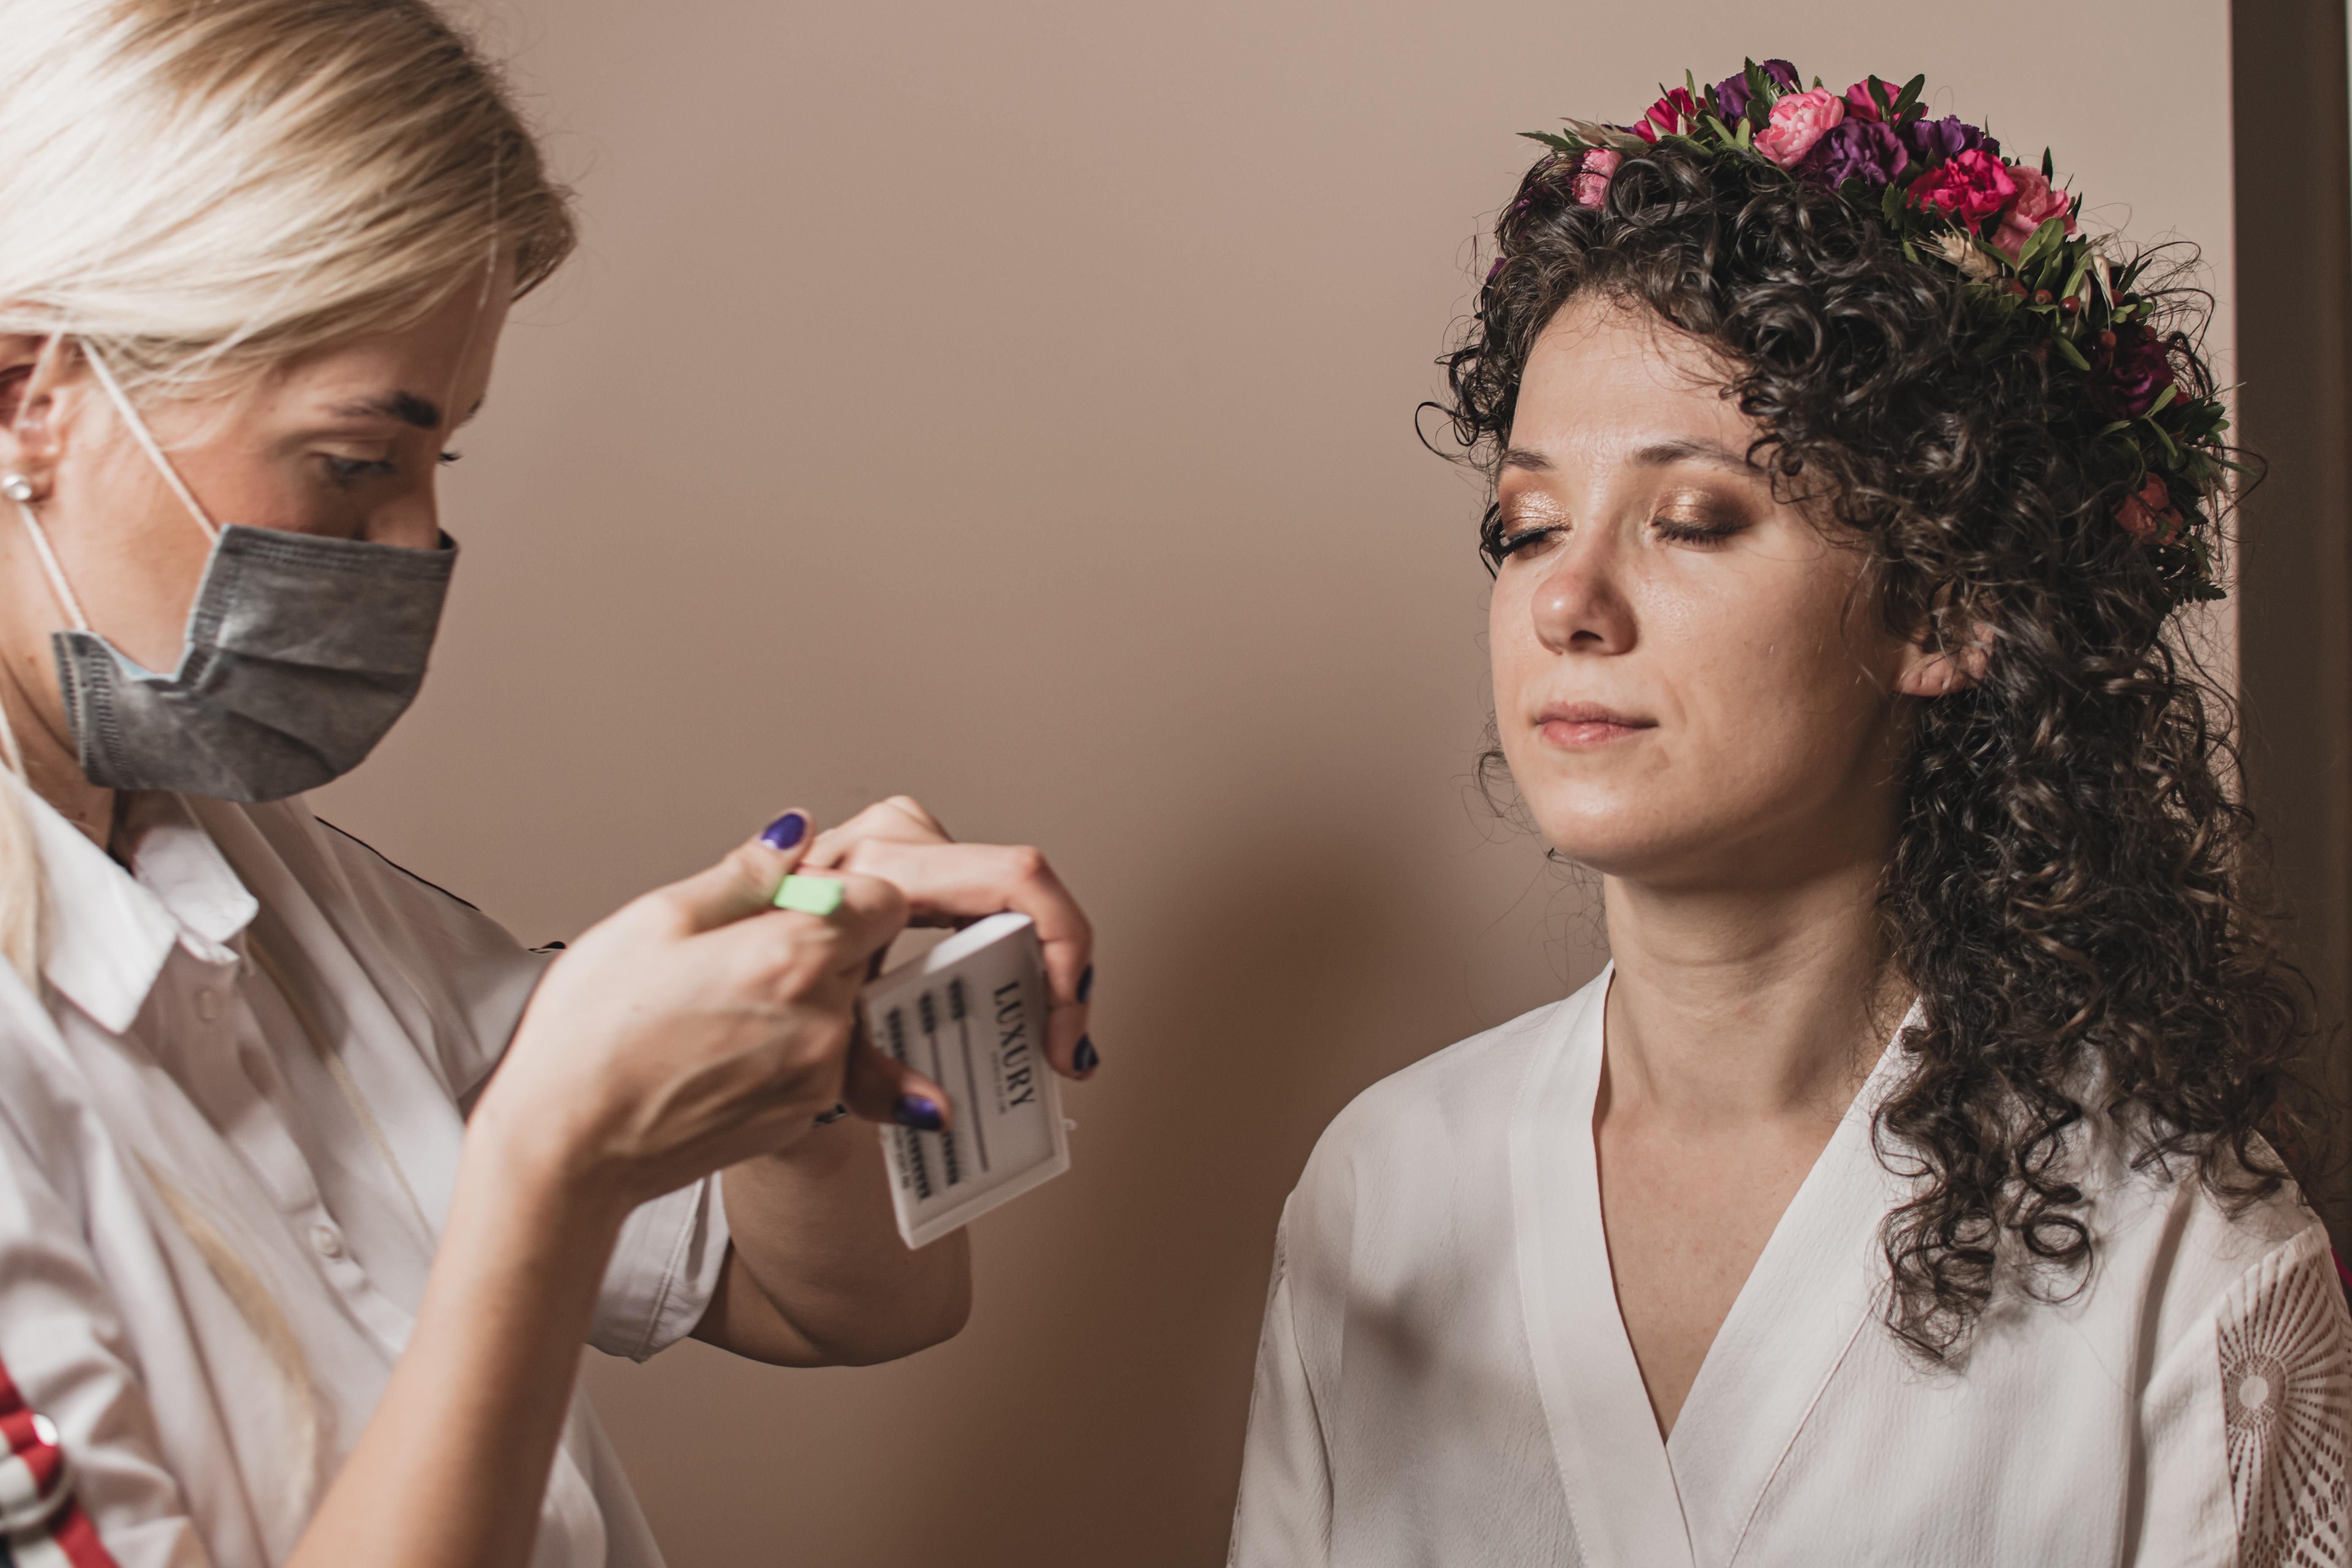 makijaż ślubny, zakreecony ślub, wianek